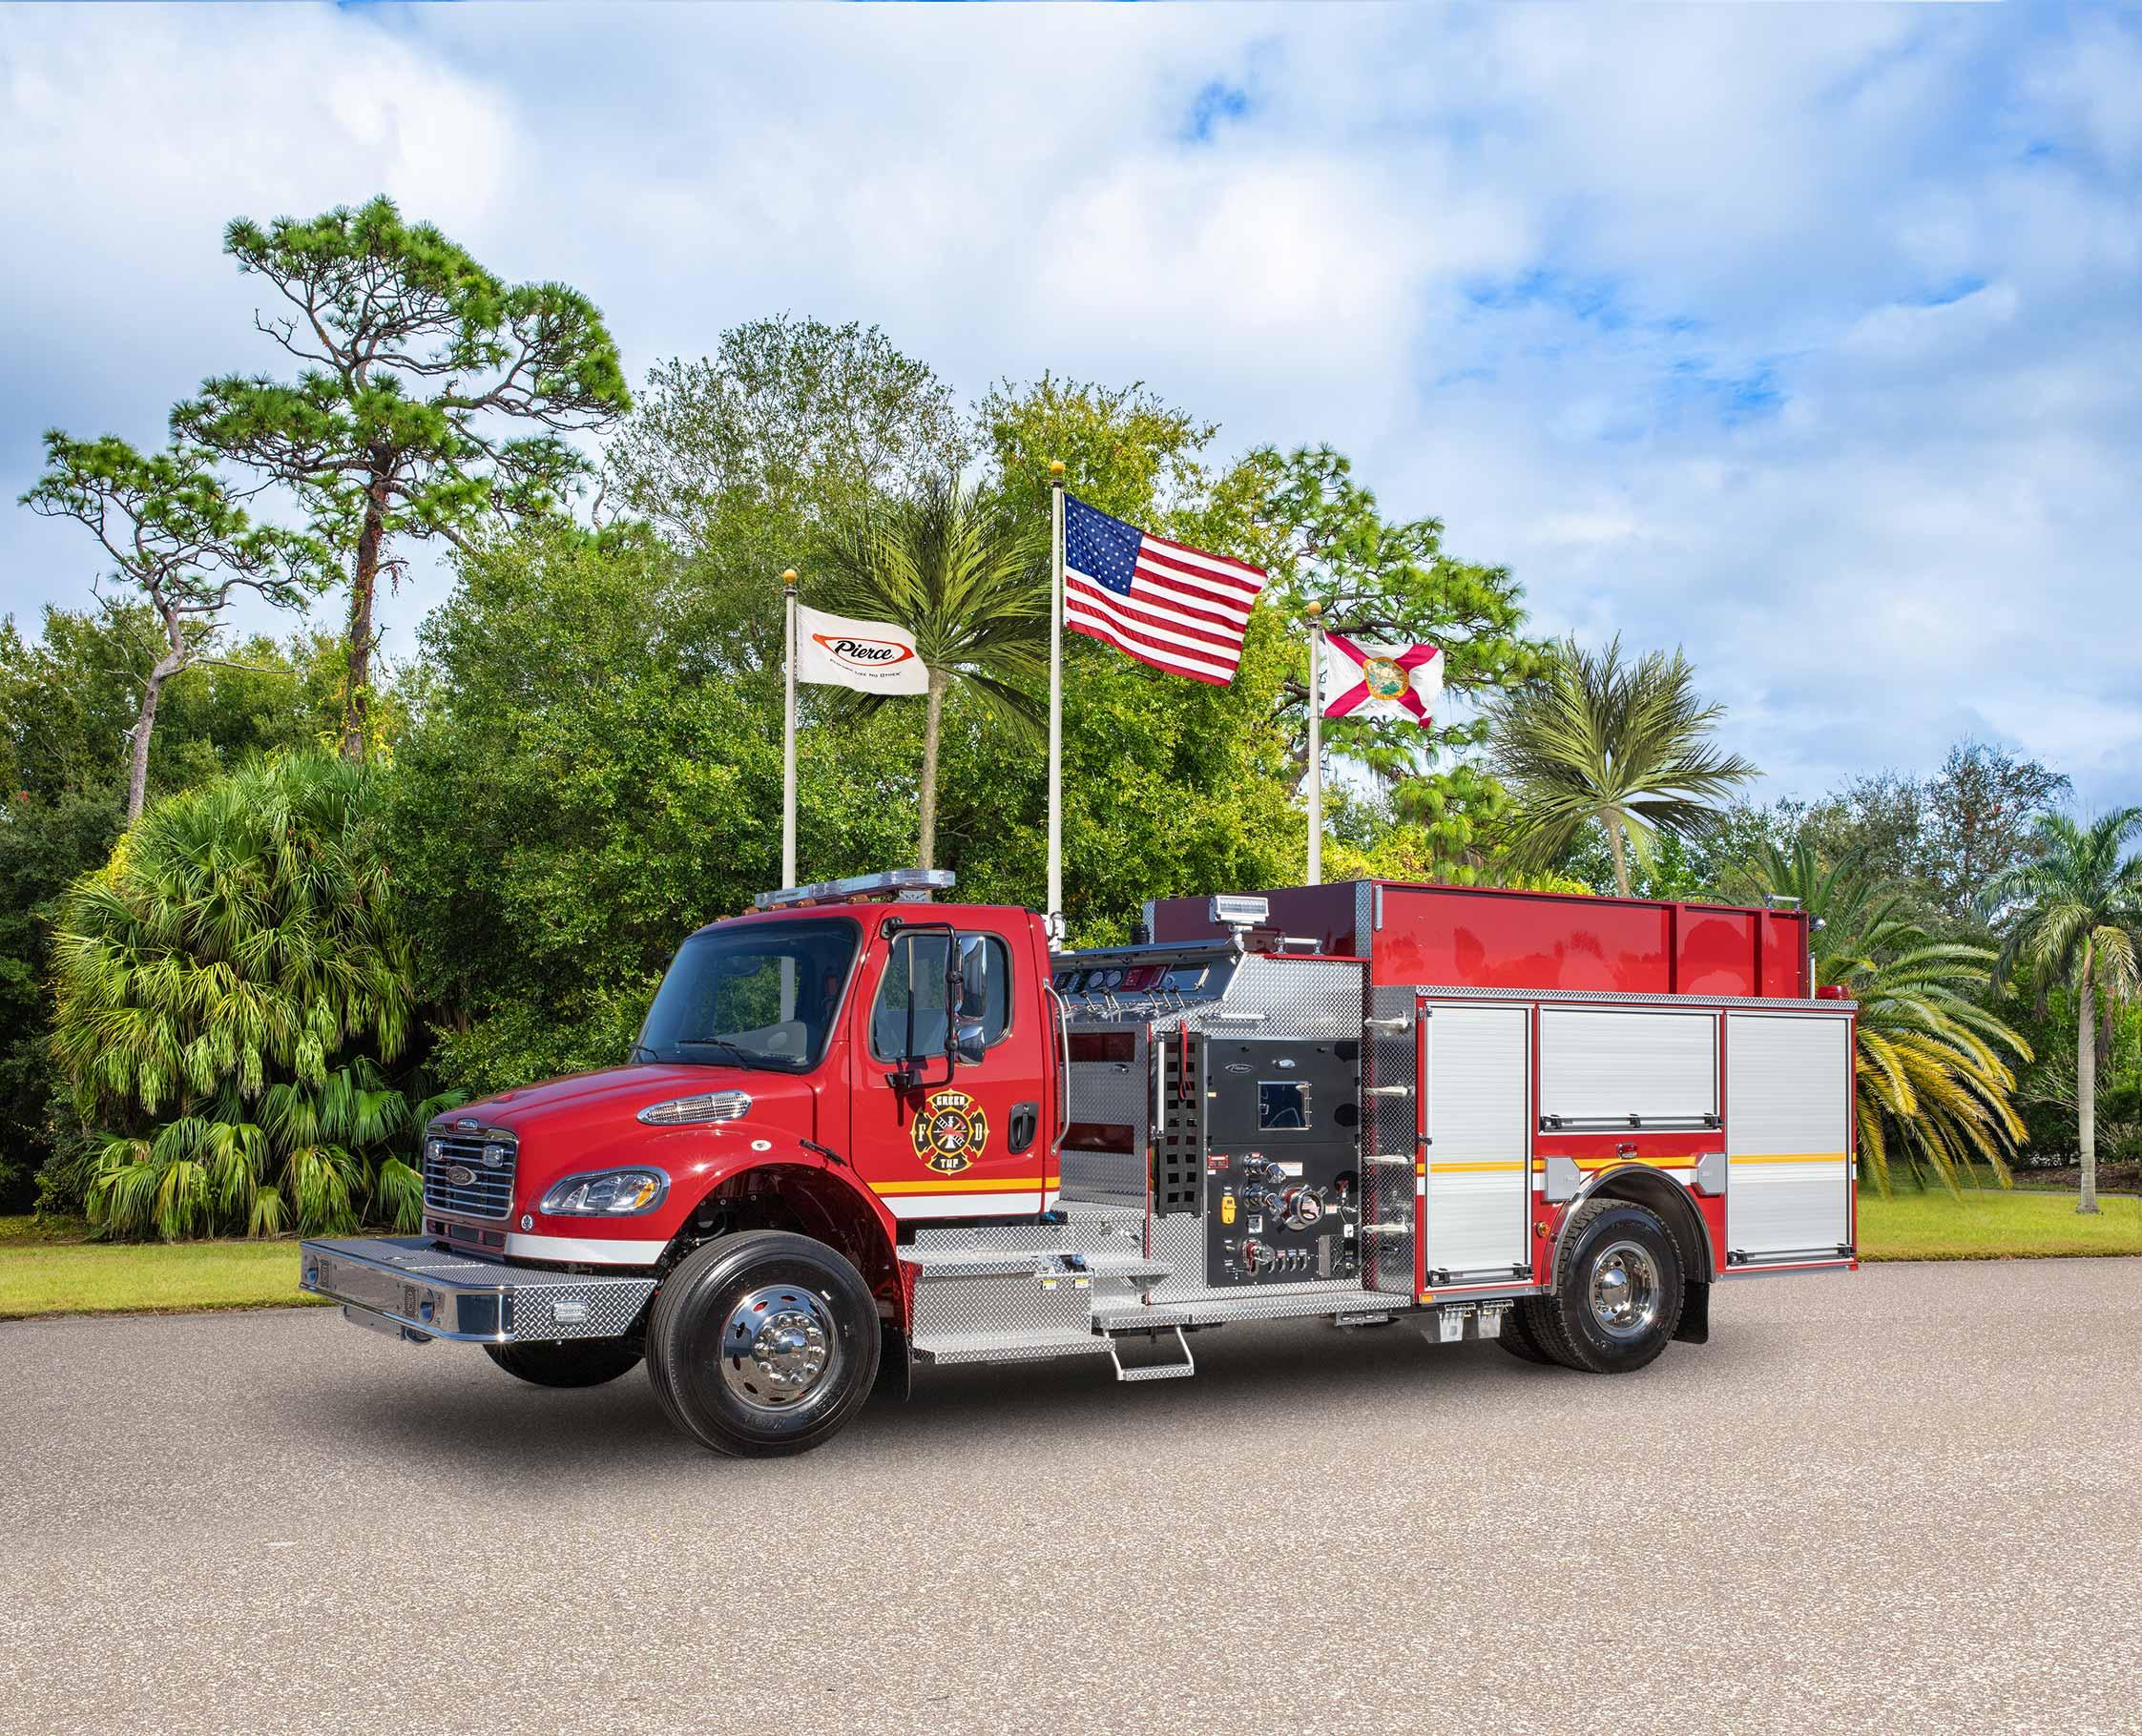 Green Township Fire Department - Pumper